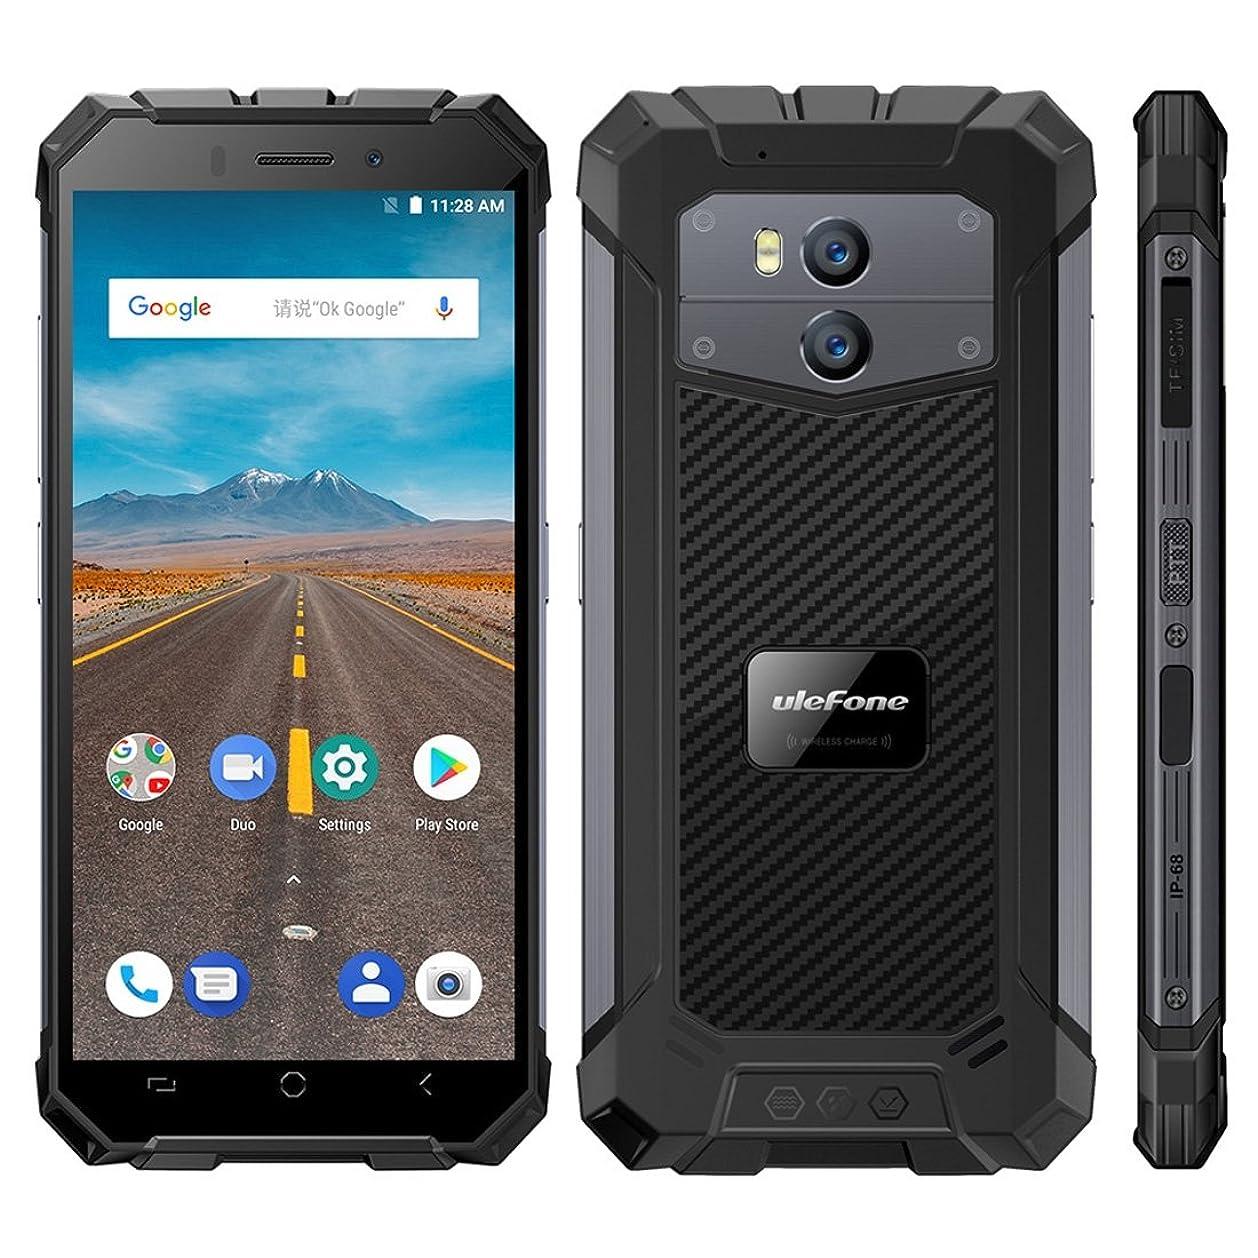 雪だるまを作る含意ビヨン中国ブランドの電話 IP68防水防塵ショックプルーフ、デュアルバックカメラ、5500mAhバッテリー、フェイス&指紋認証、5.5インチAndroid 8.1 MTK6739クワッドコア64ビット、最大1.5GHz、ネットワーク:4G、NFC、OTG、ワイヤレス充電 (色 : Dark Gray)